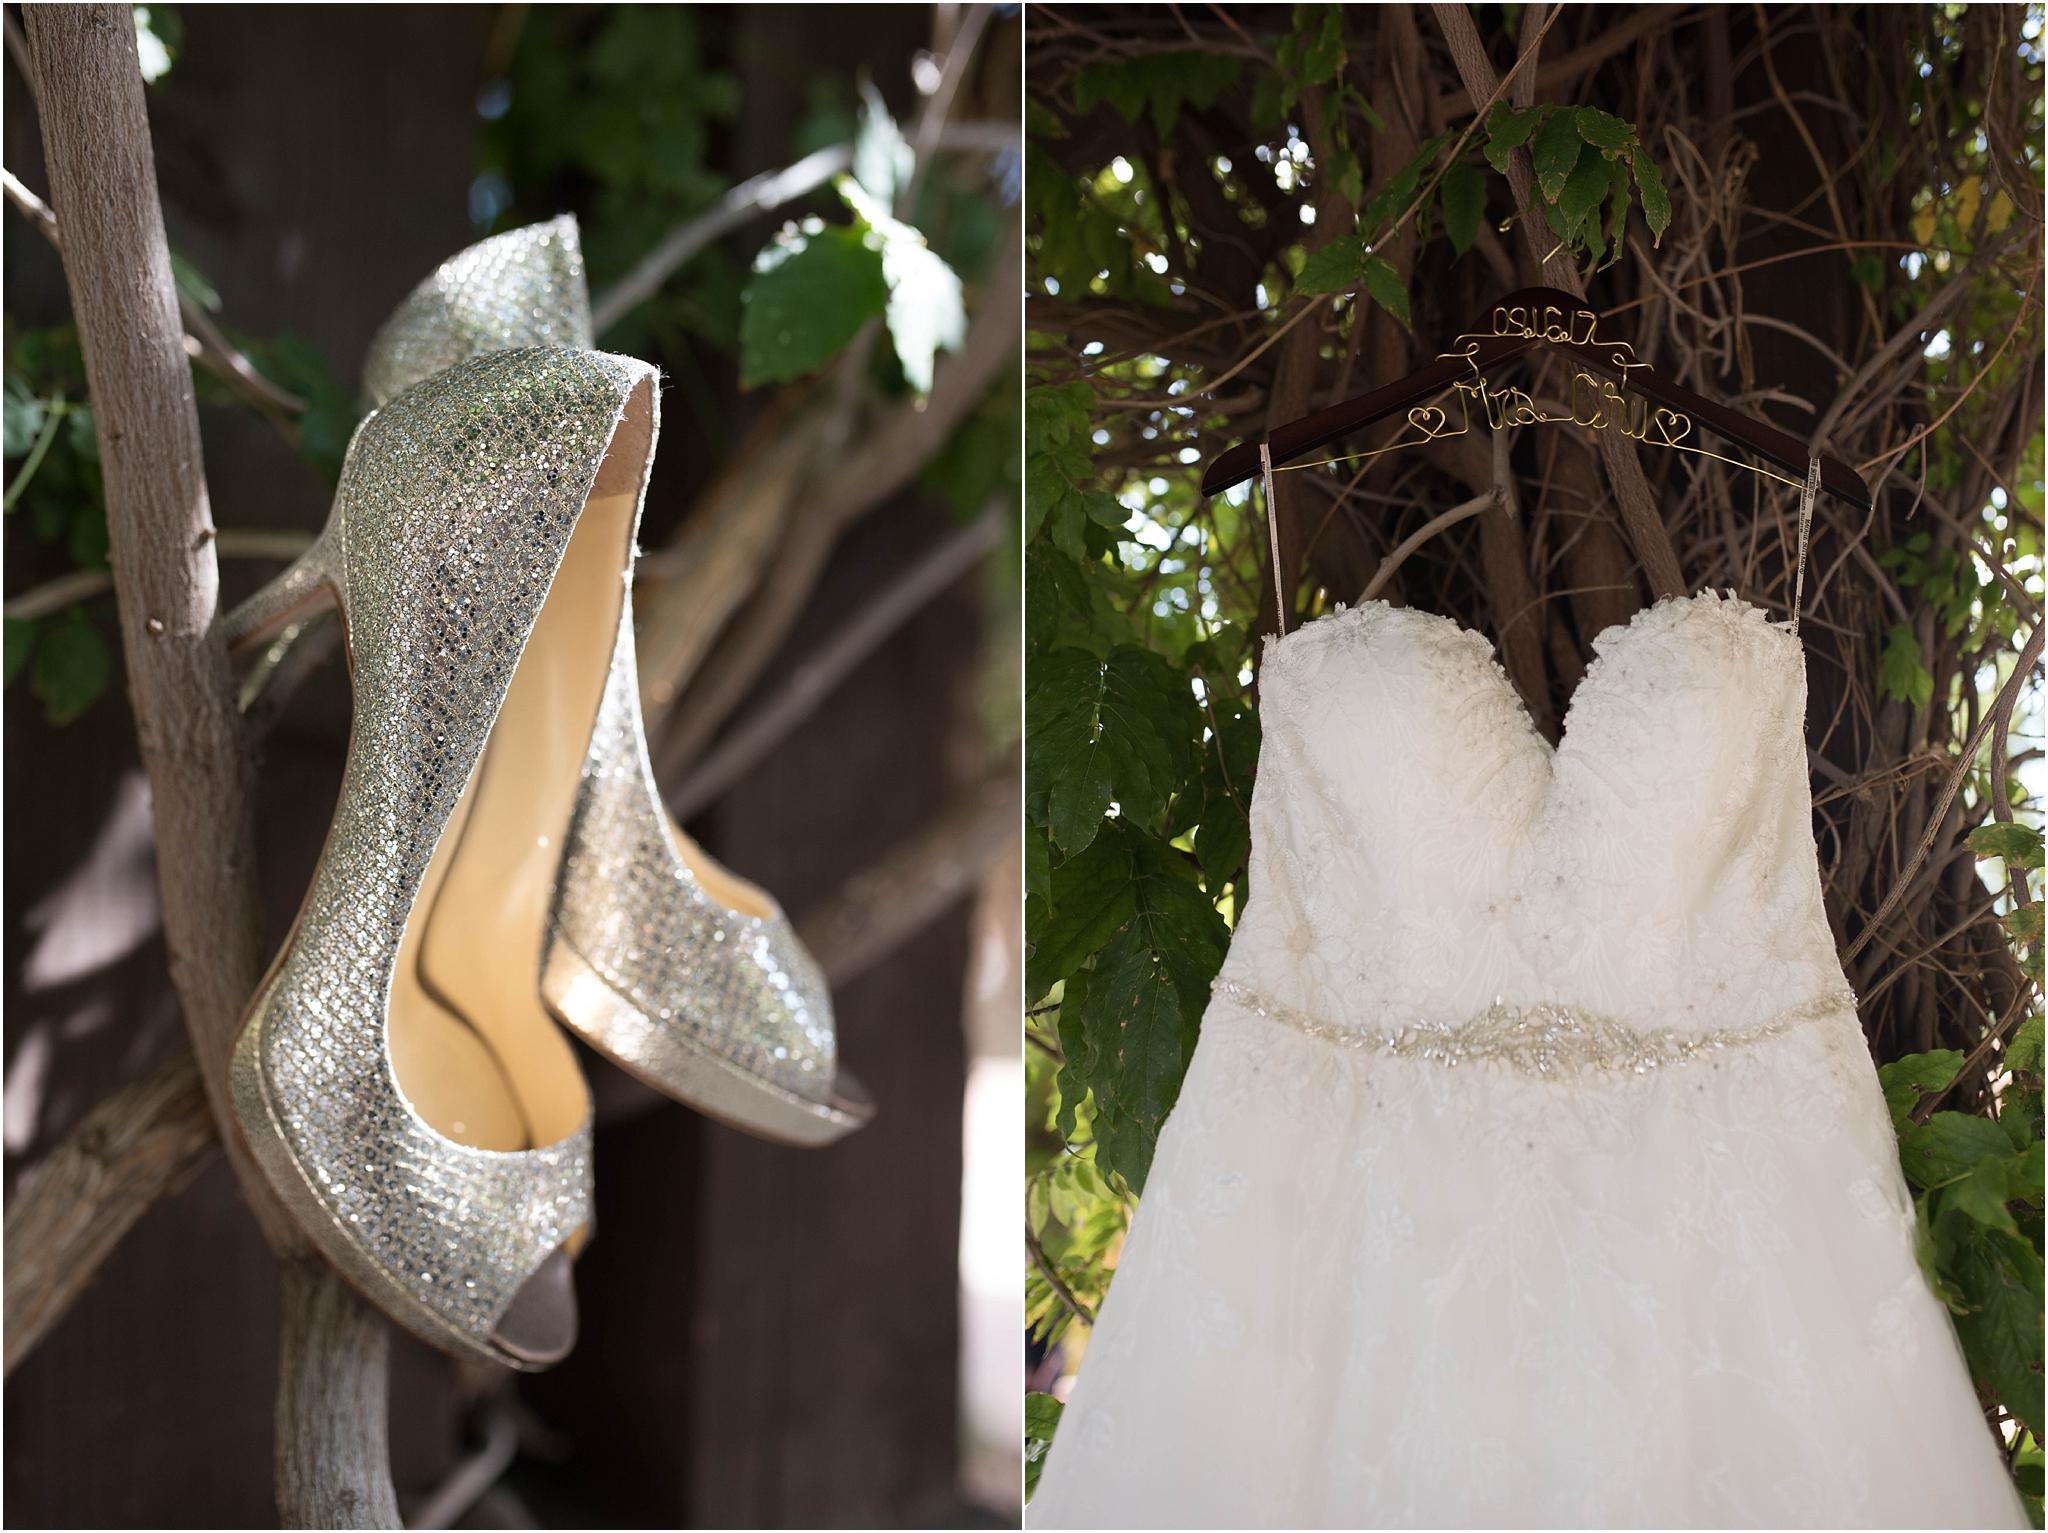 kayla kitts photography - new mexico wedding photographer - albuquerque botanic gardens - hotel albuquerque_0002.jpg